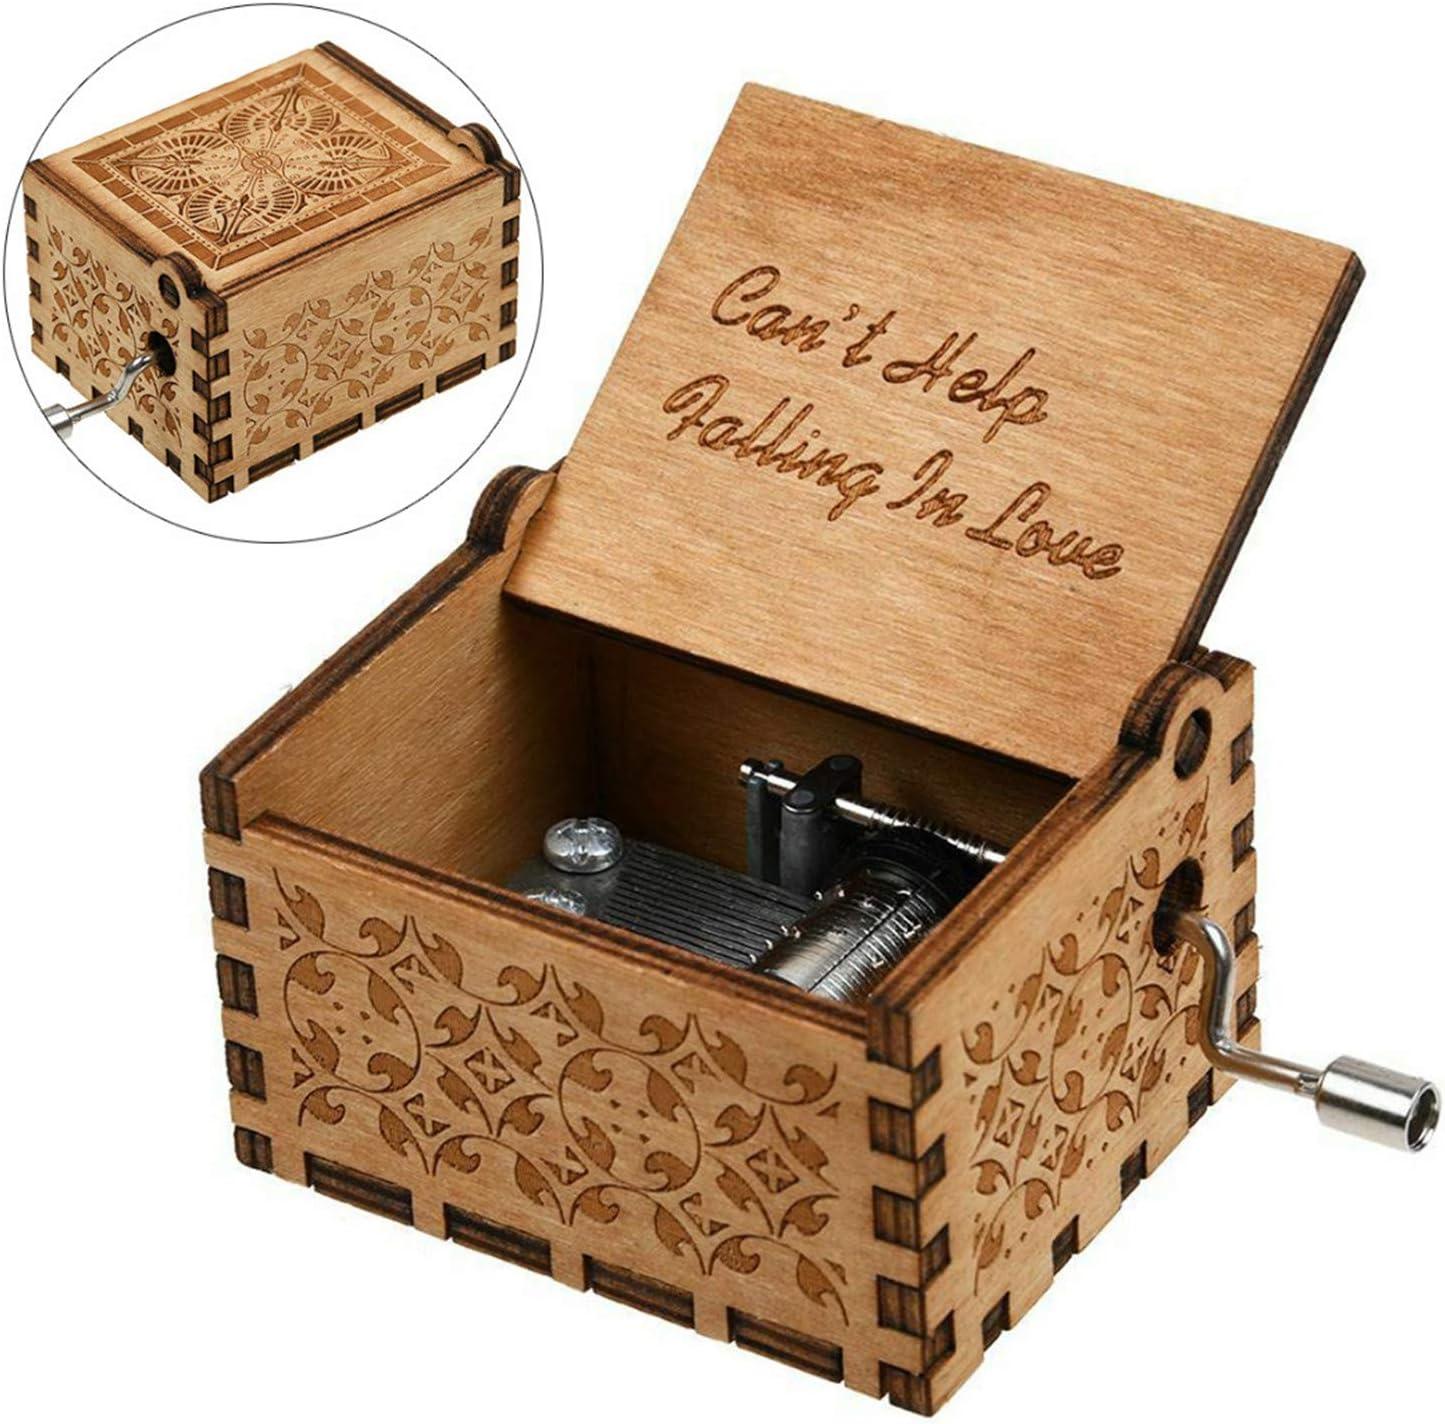 Huntmic Cant Help Falling in Love Bo/îte /à musique en bois avec gravure antique bo/îte /à musique pour cadeau danniversaire